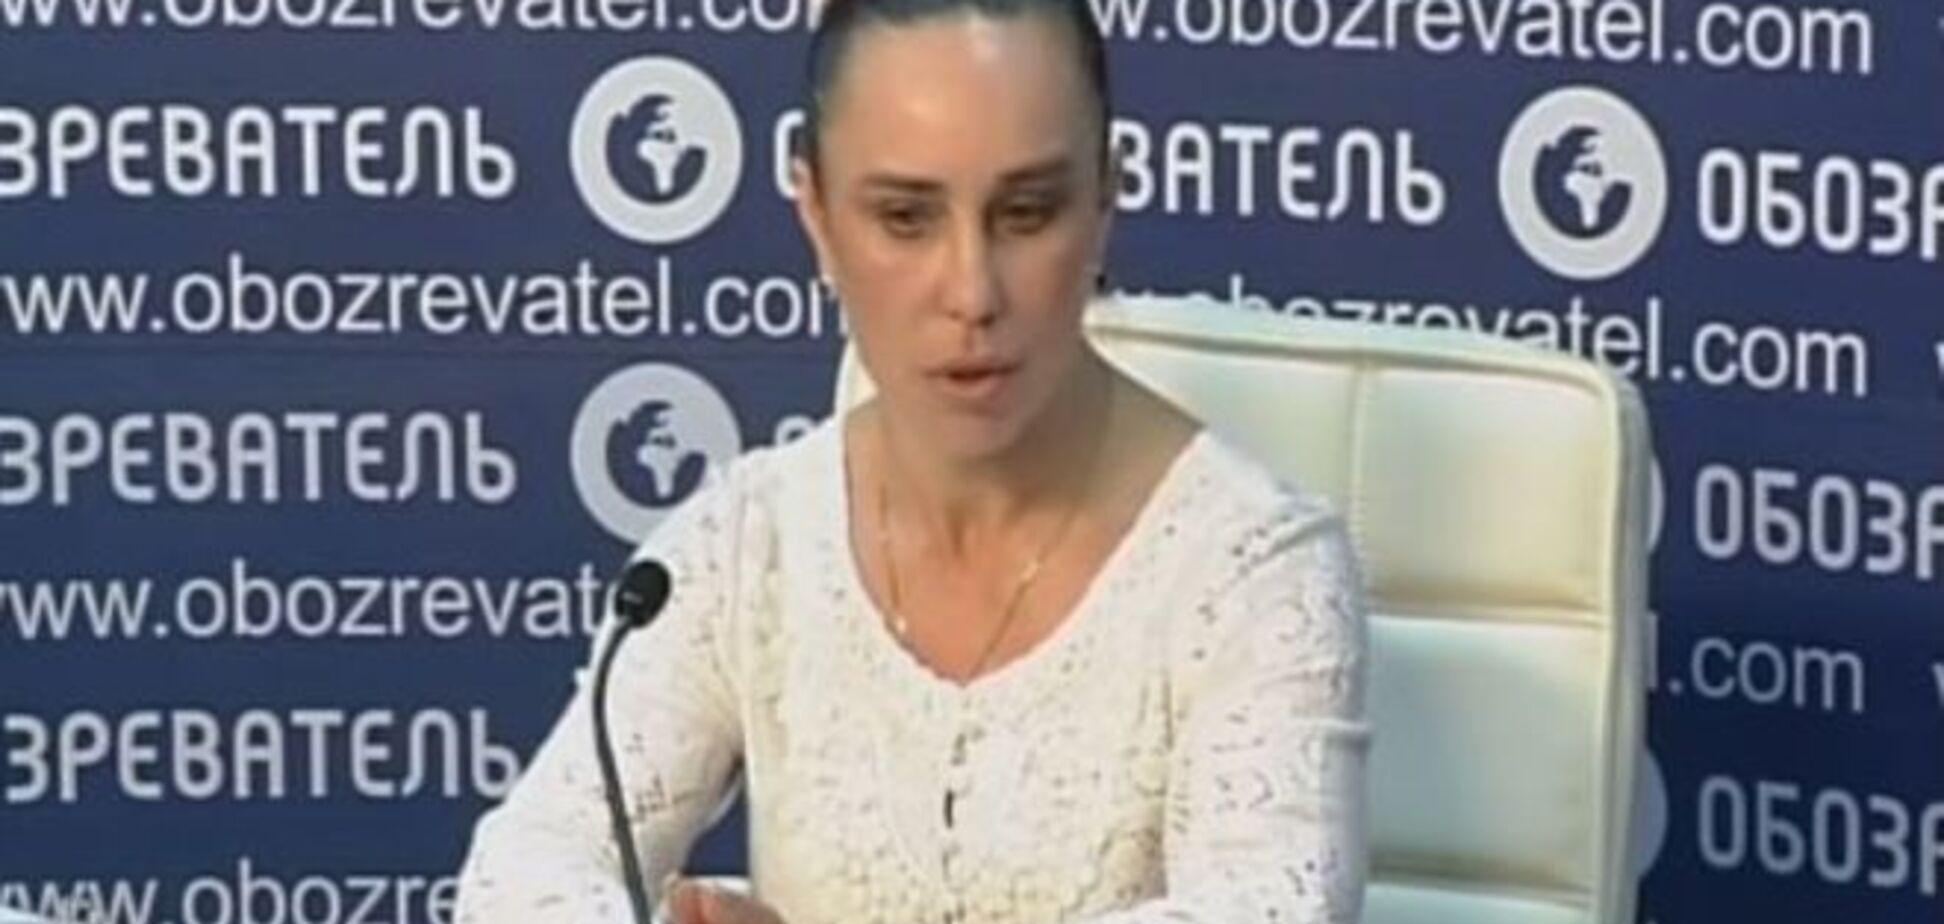 Украинцы могли бы захватить весь мир - Захарова